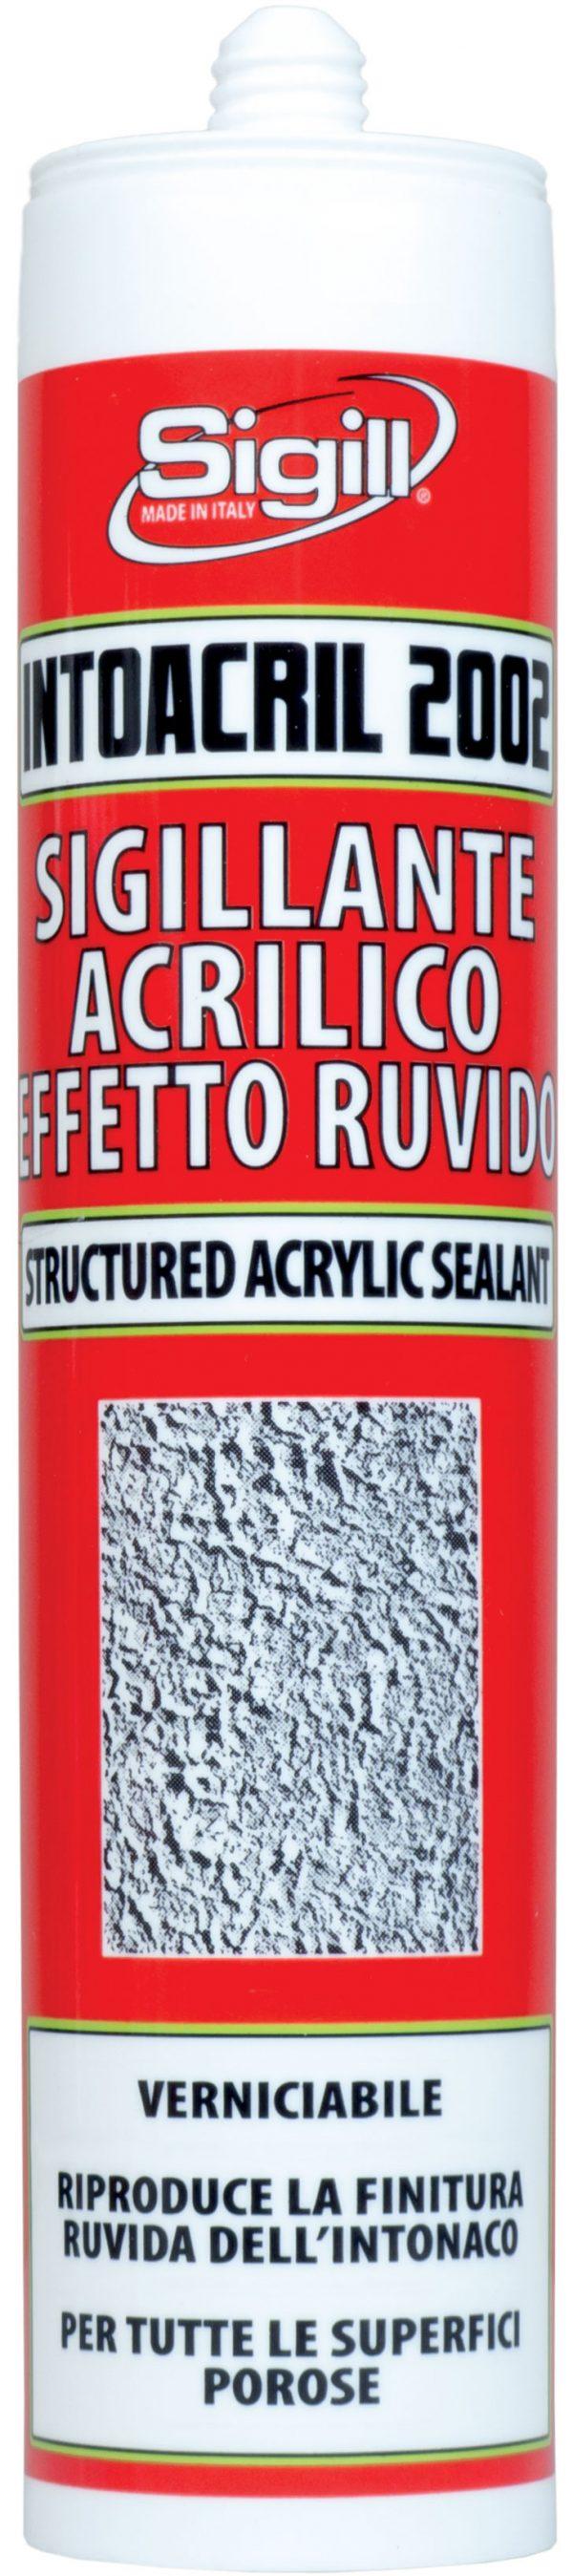 silicone acrilico verniciabile